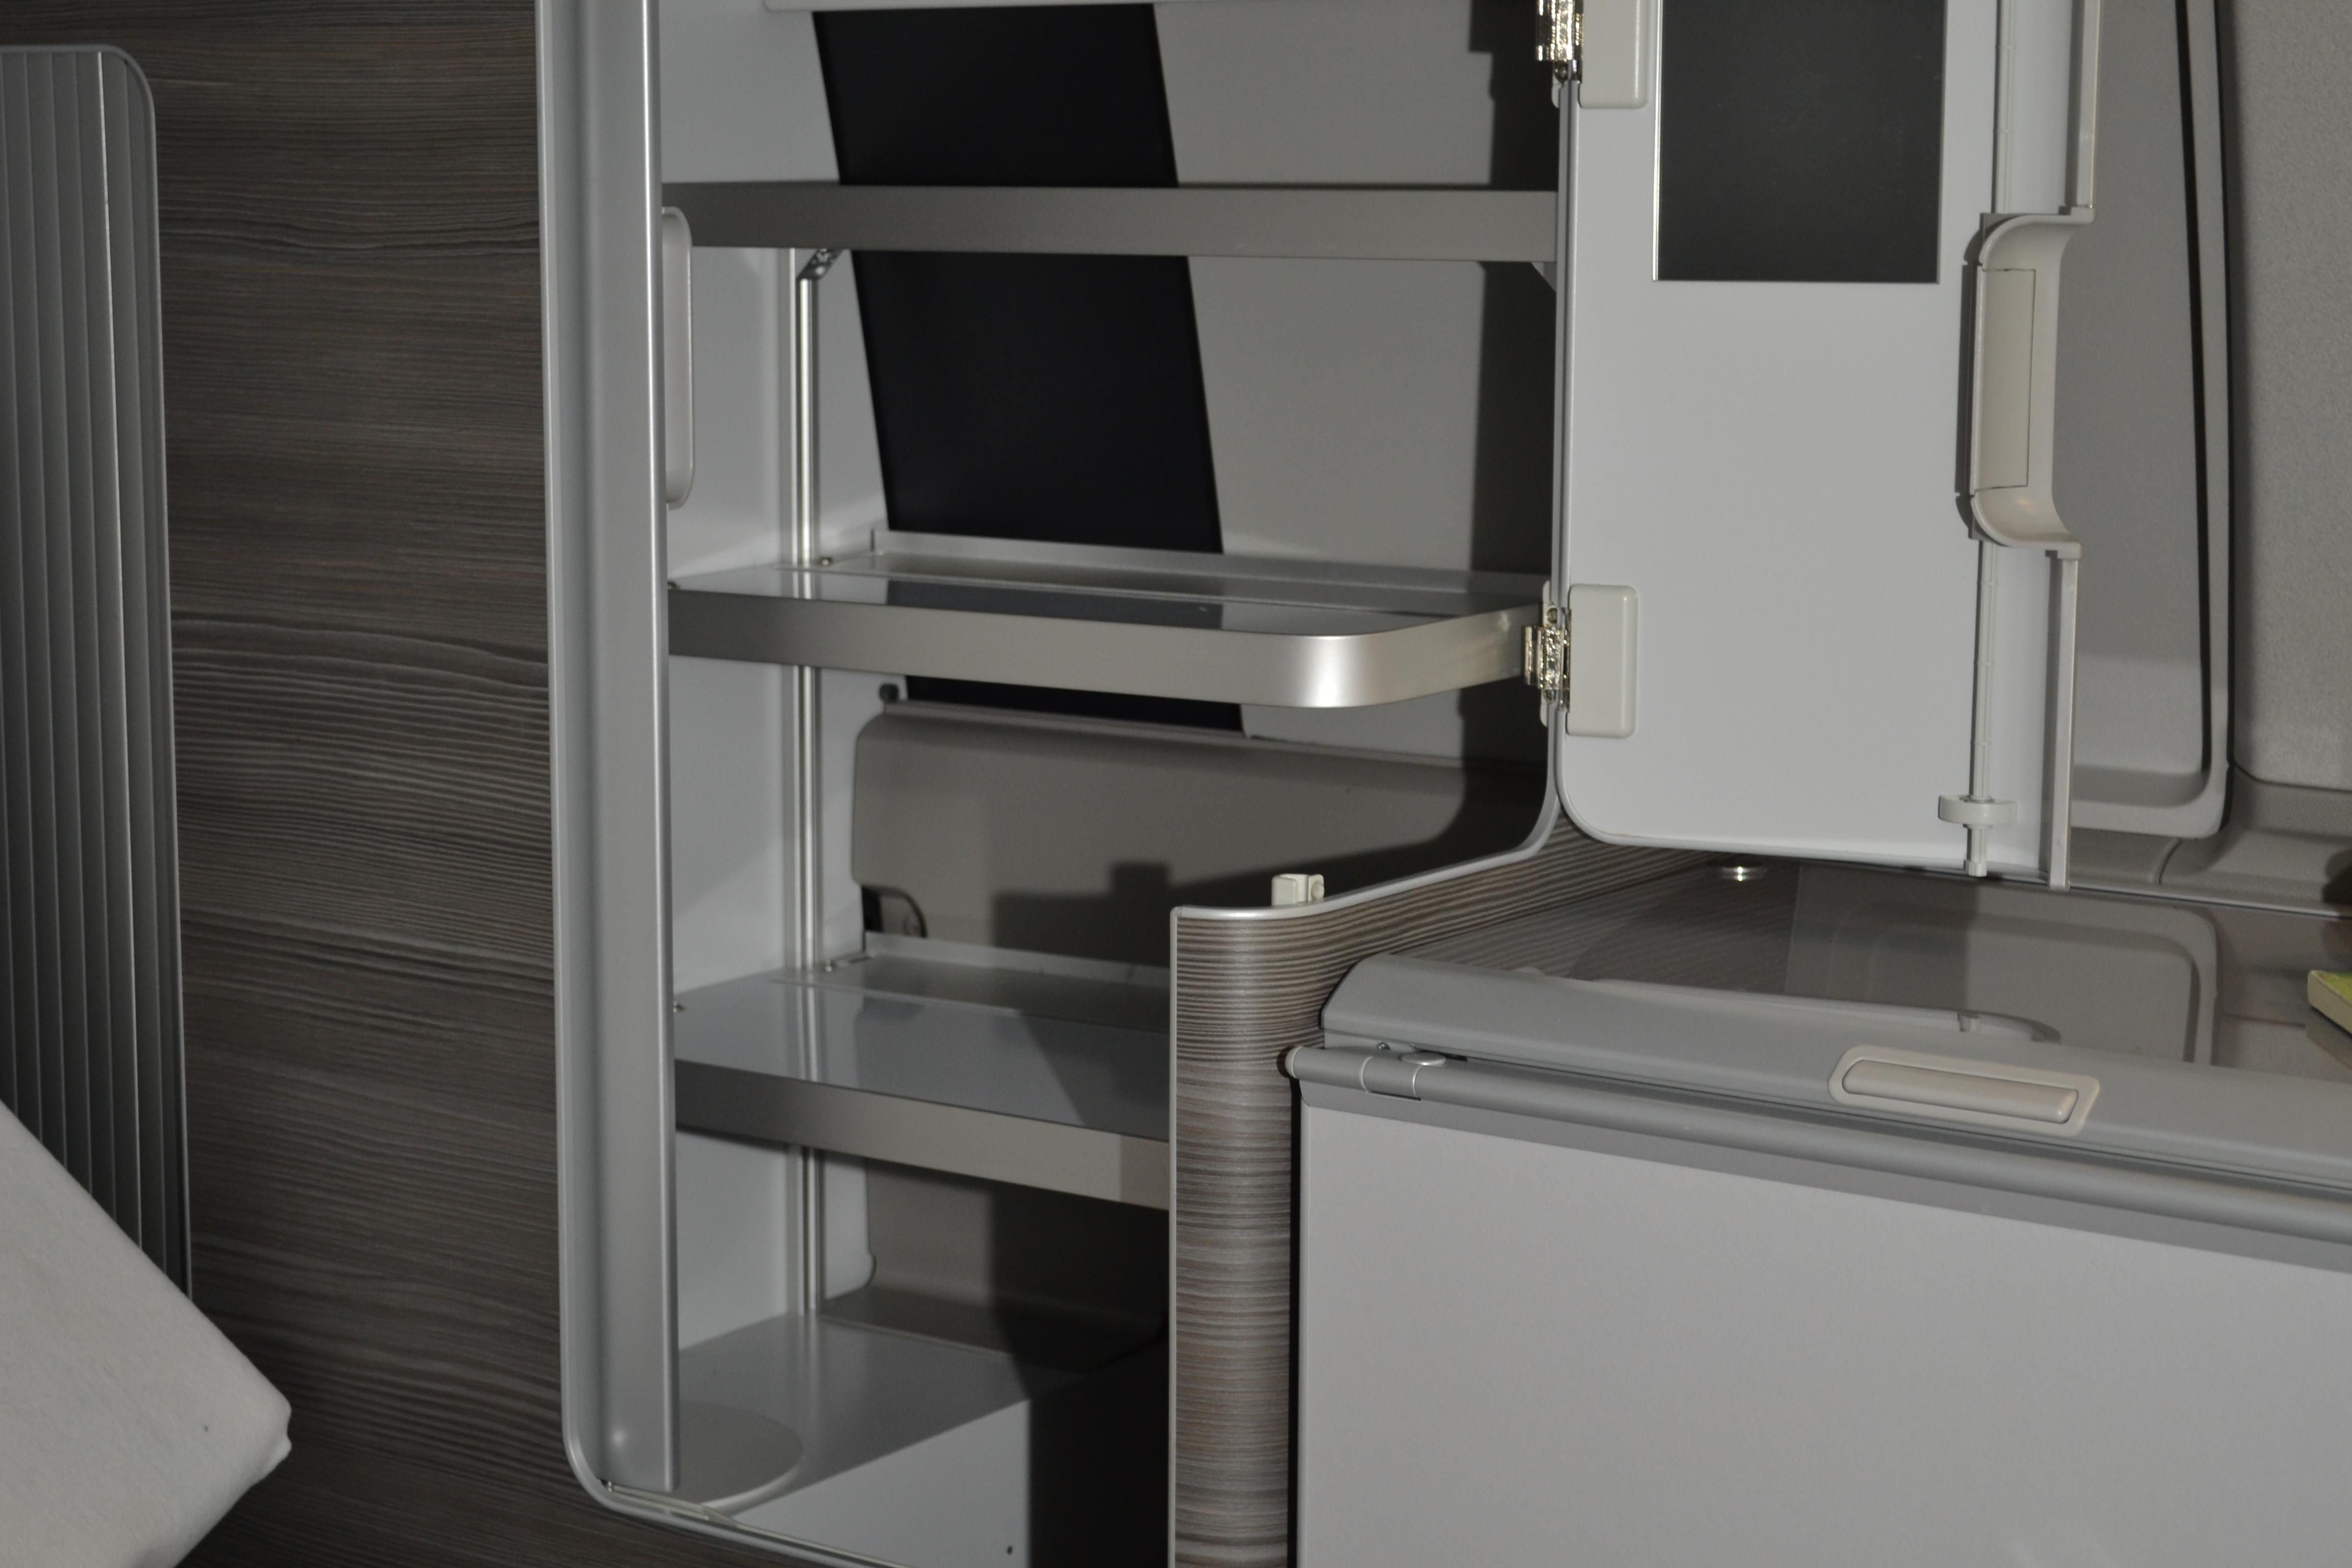 vw t6 t5 california ocean ablagefach im schrank. Black Bedroom Furniture Sets. Home Design Ideas